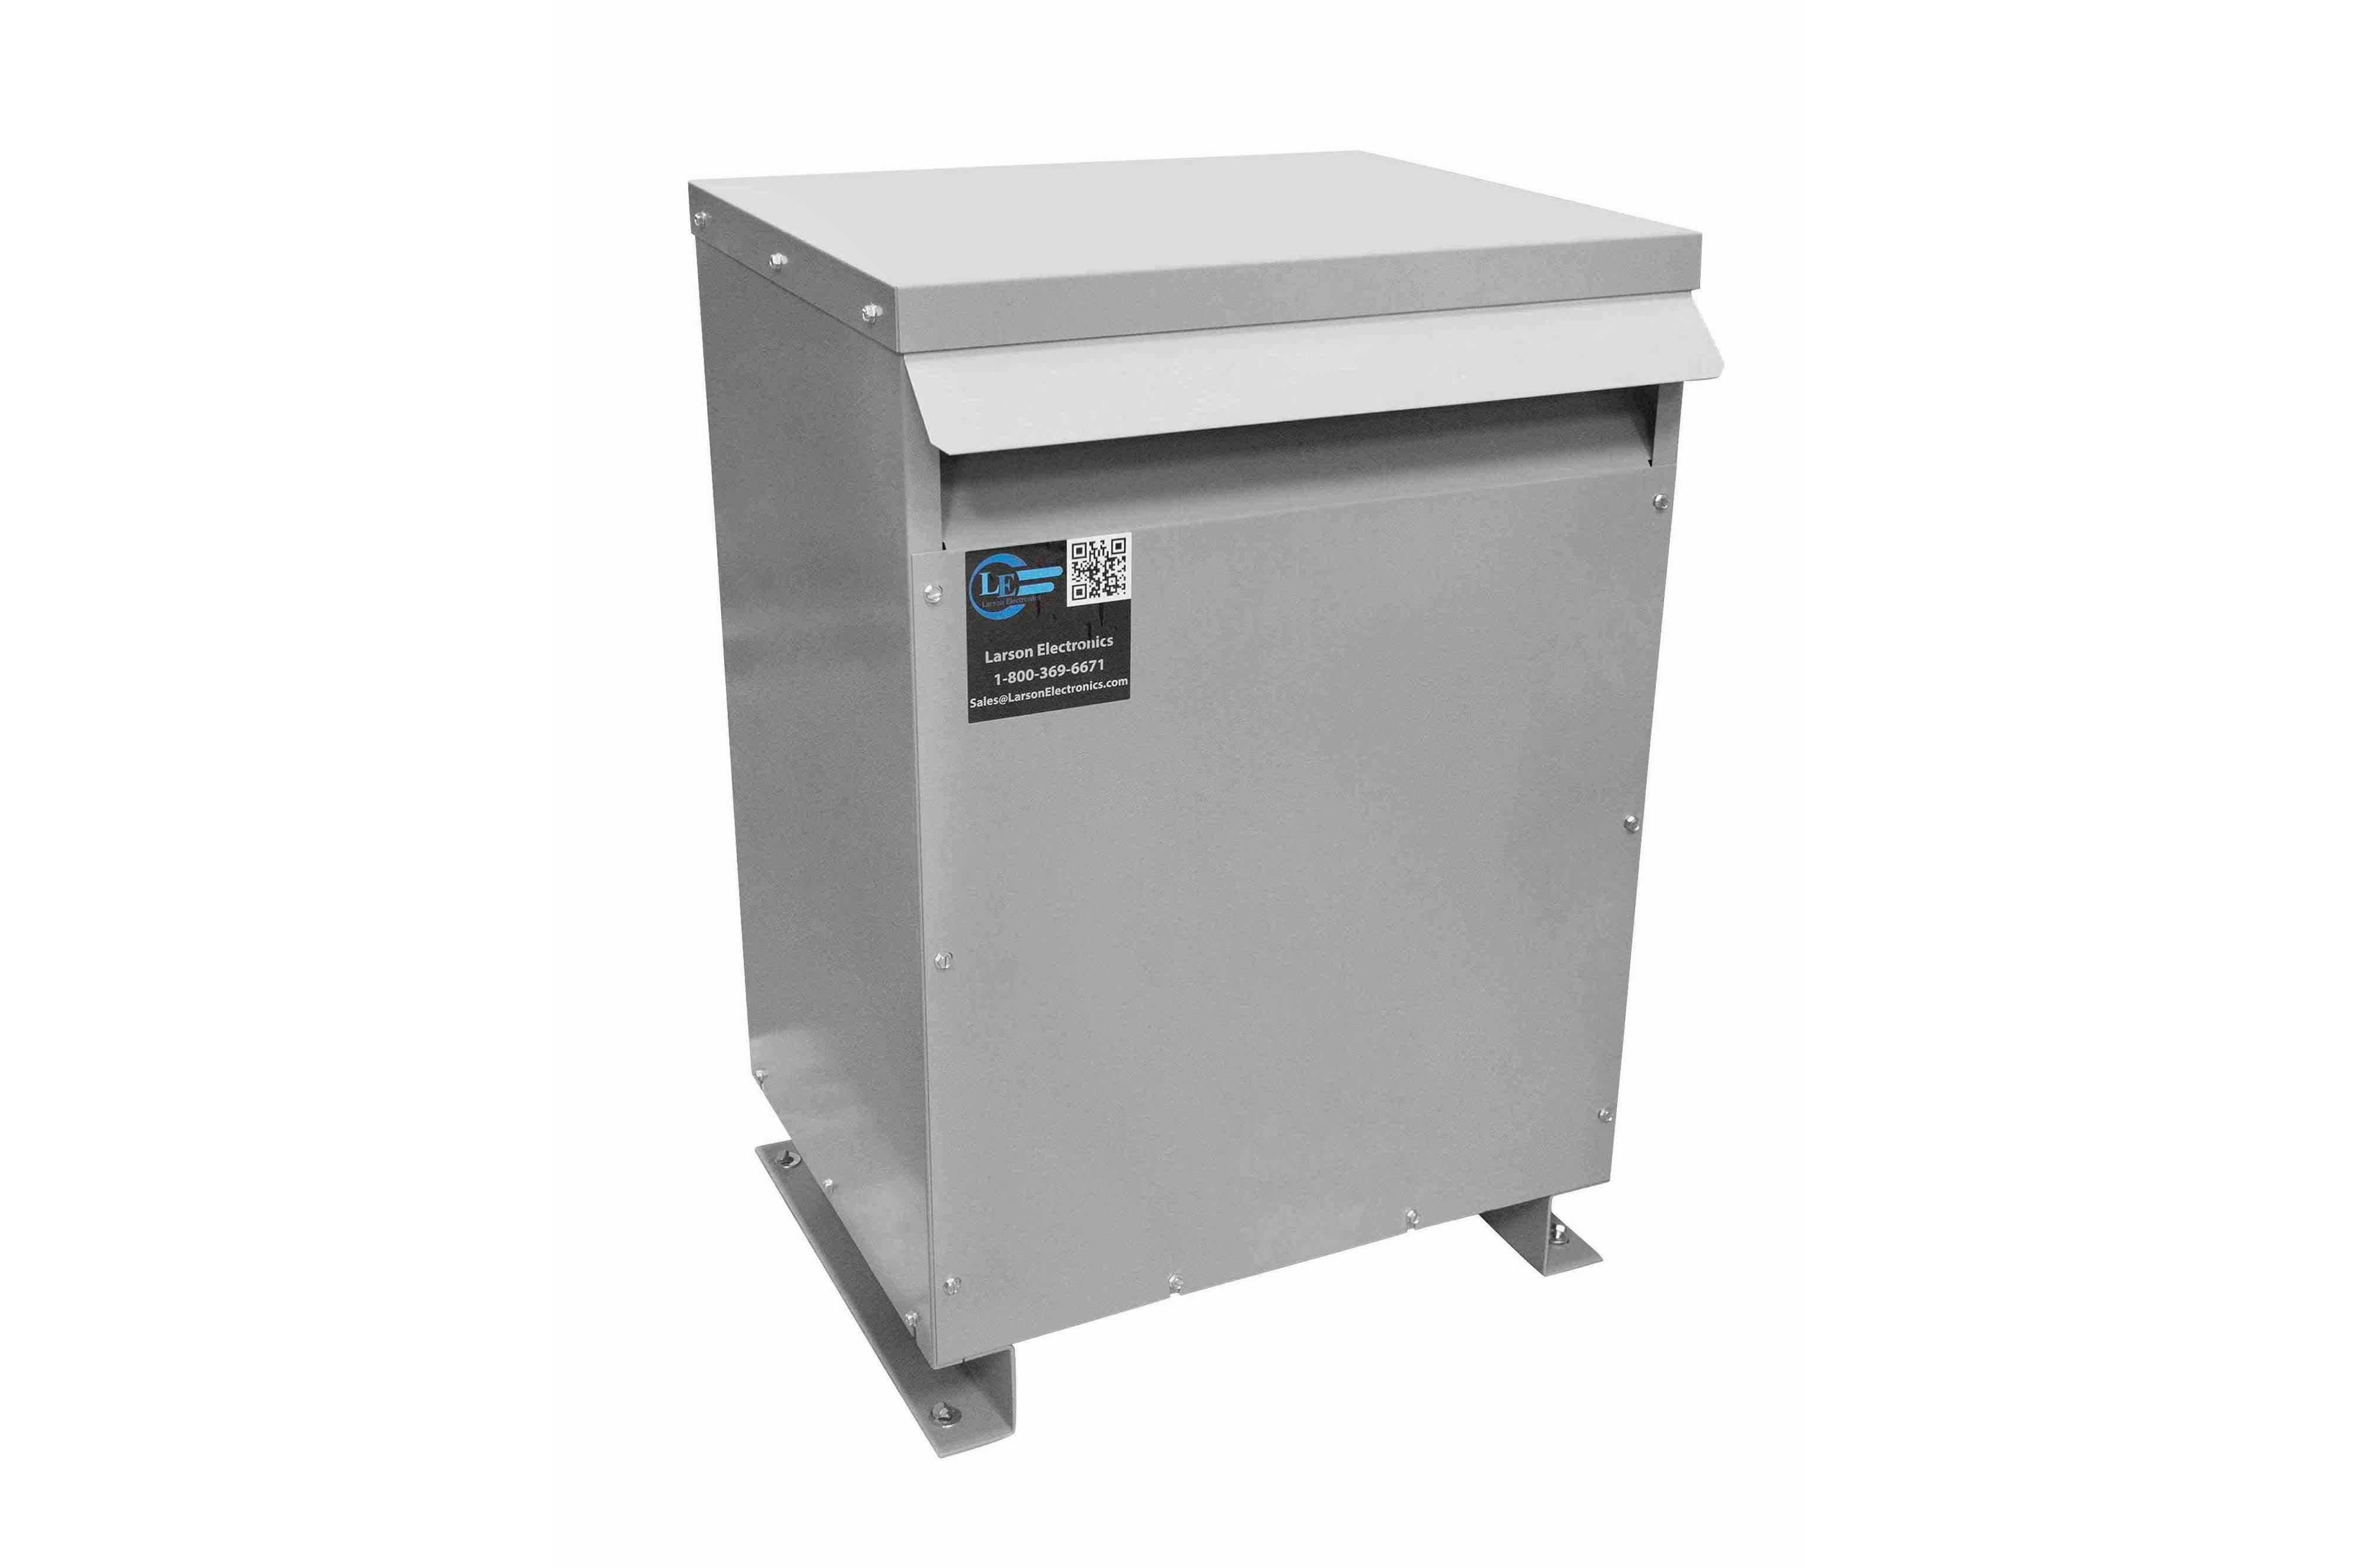 11 kVA 3PH Isolation Transformer, 220V Delta Primary, 480V Delta Secondary, N3R, Ventilated, 60 Hz